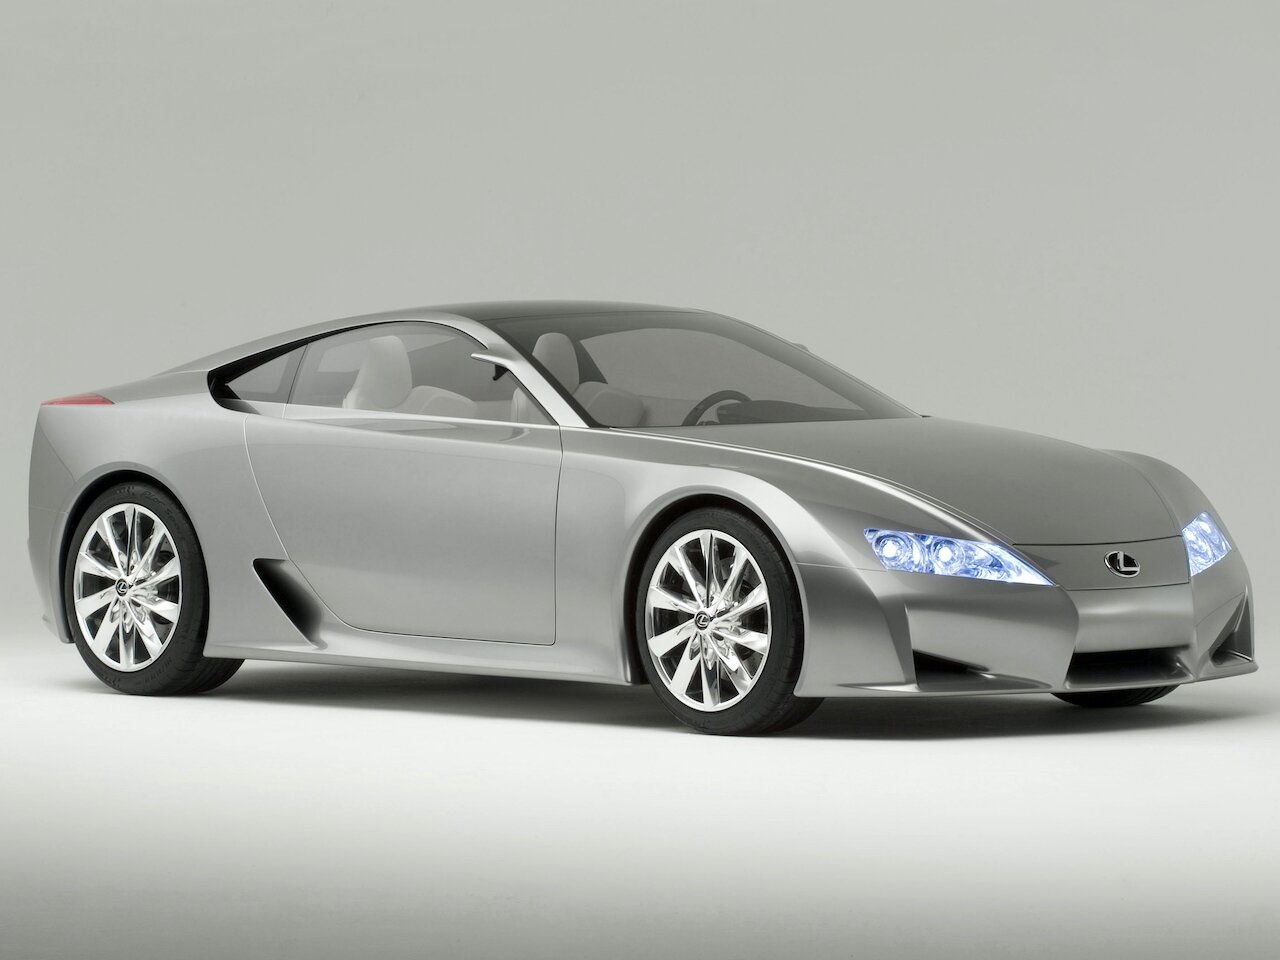 Předchůdce Lexusu LFA - designová studie představená na mezinárodním autosalonu NAIAS 2005 v Detroitu